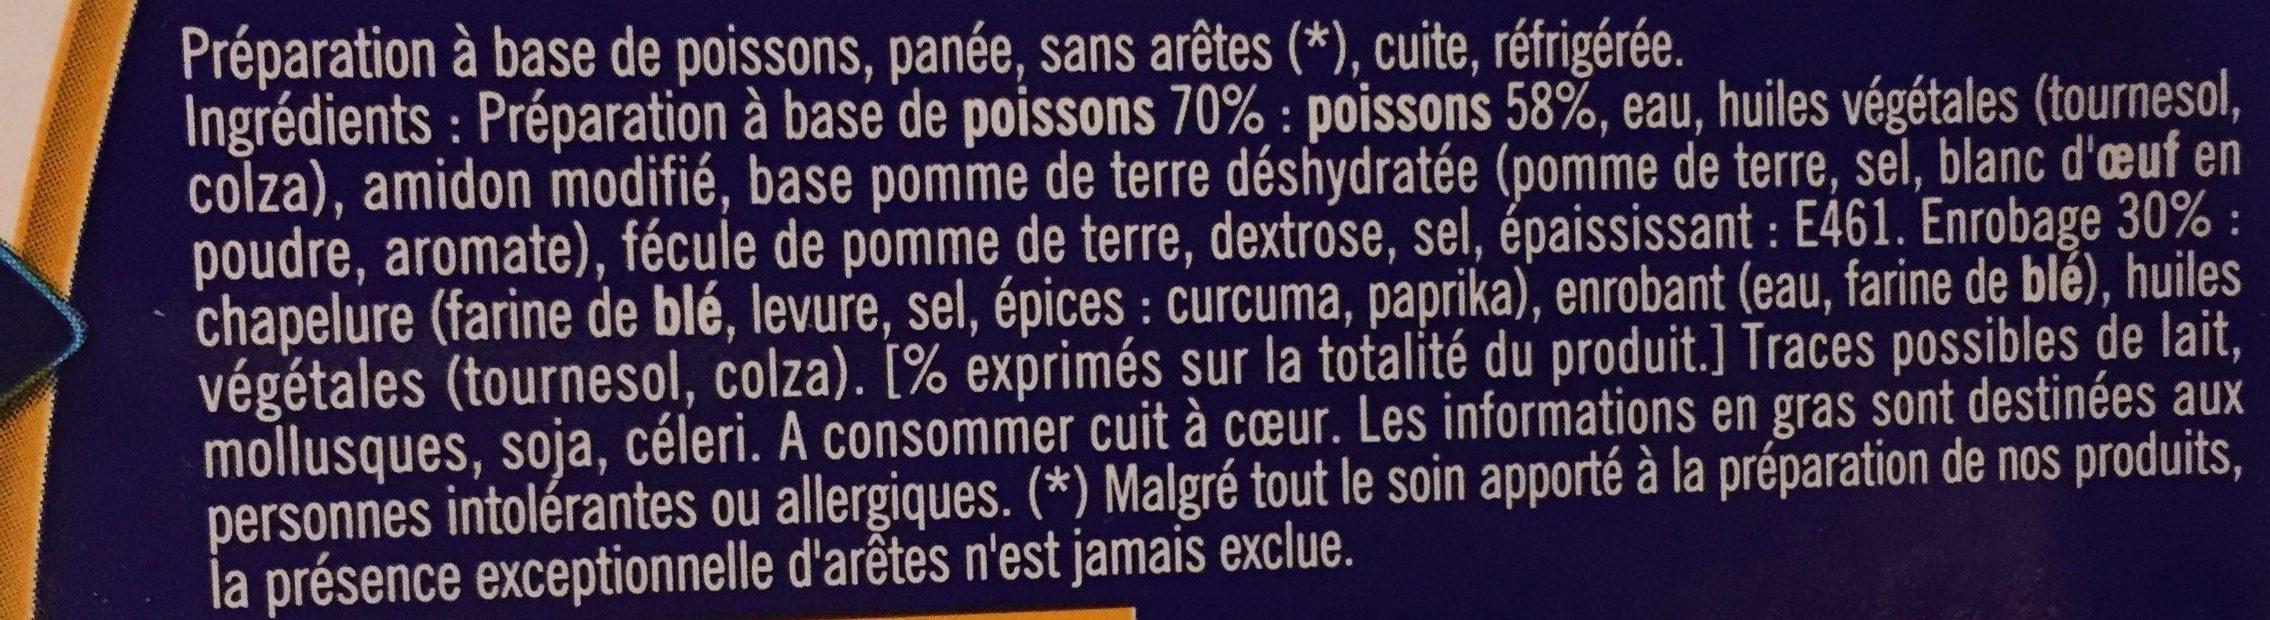 Poissonnettes Panées - Ingredients